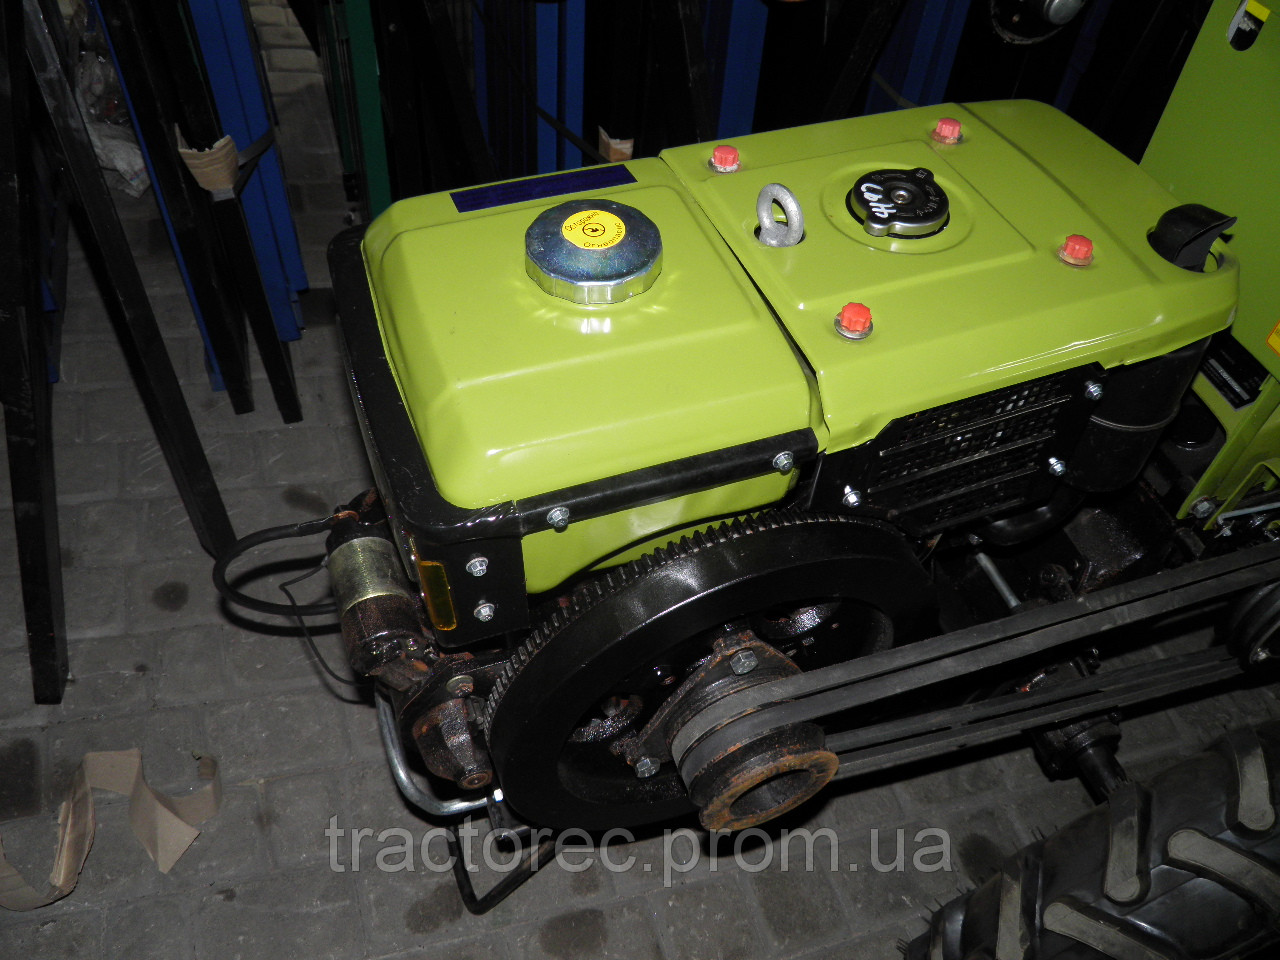 Двигатель дизельный от мотоблока Зубр, Кентавр R190NM (10 к.с. з електрозапуском)